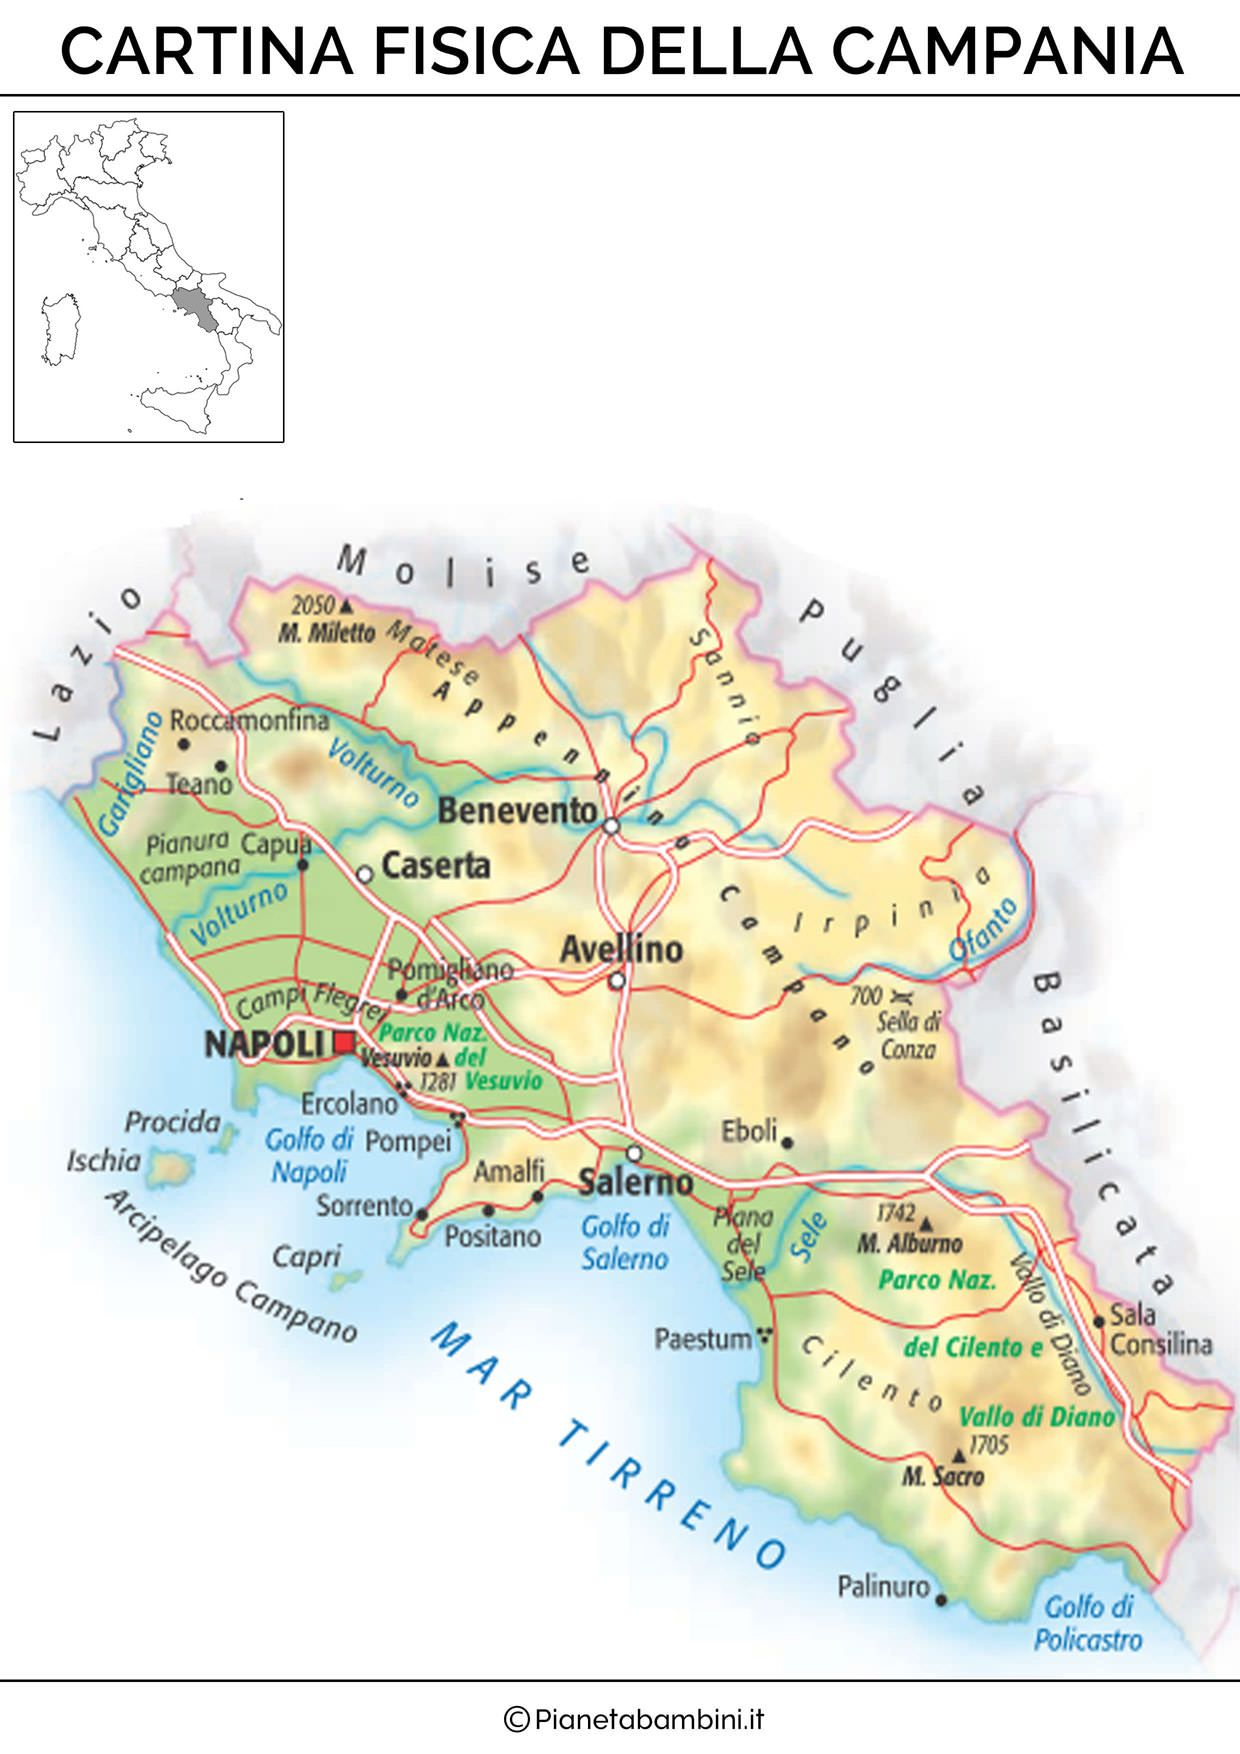 Cartina Fisica Lazio Da Stampare.Cartina Muta Fisica E Politica Della Campania Da Stampare